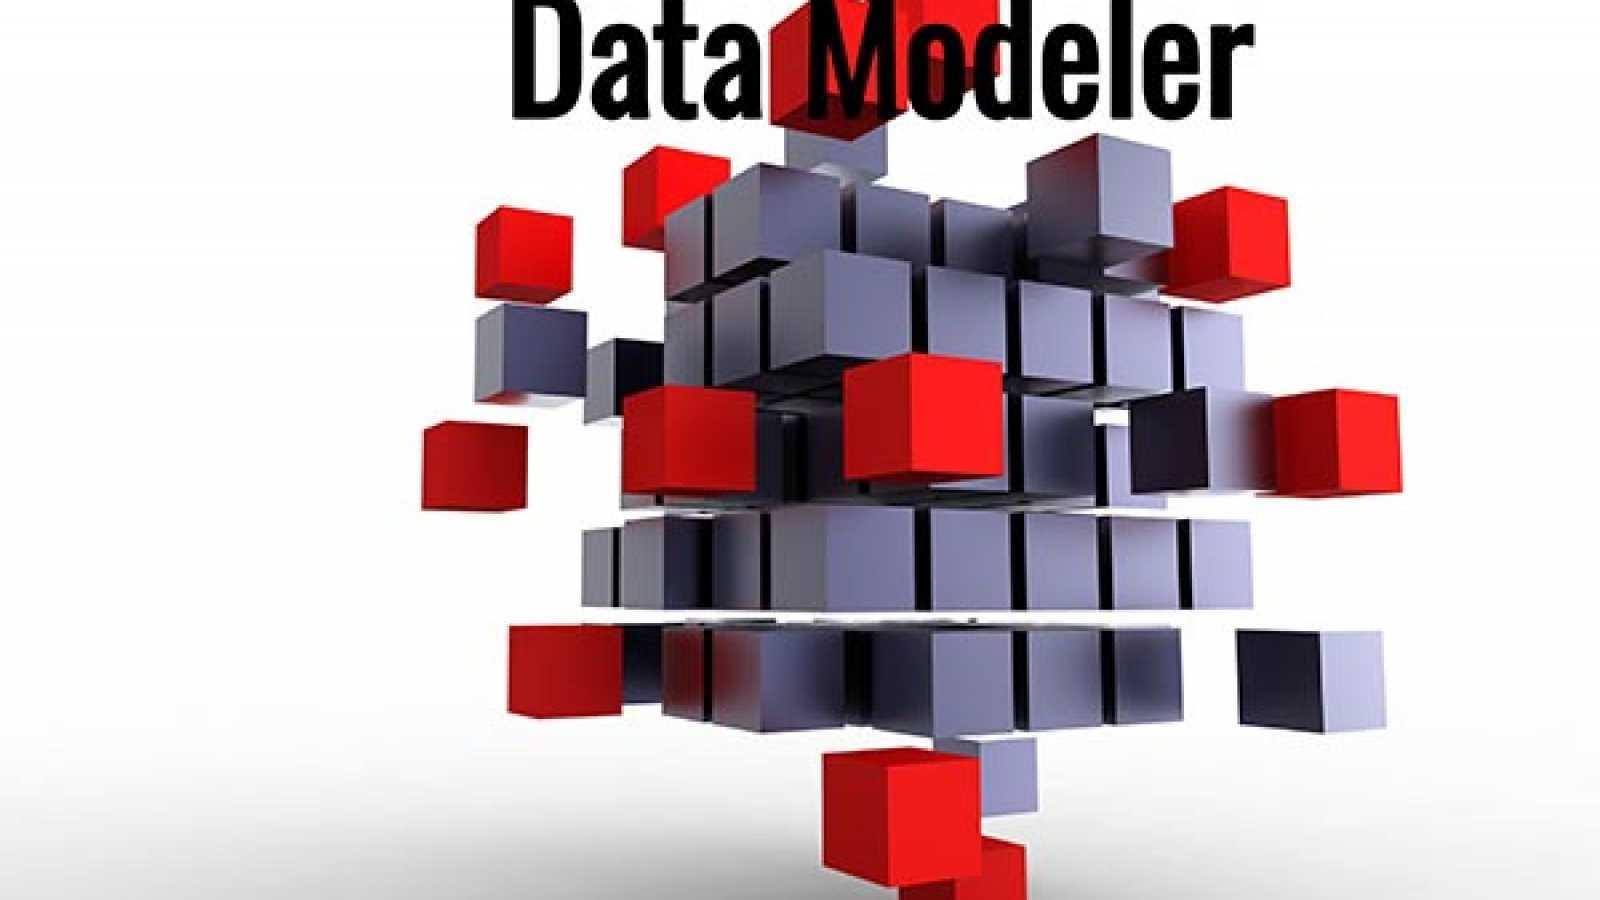 data-modeler_600x448.jpg